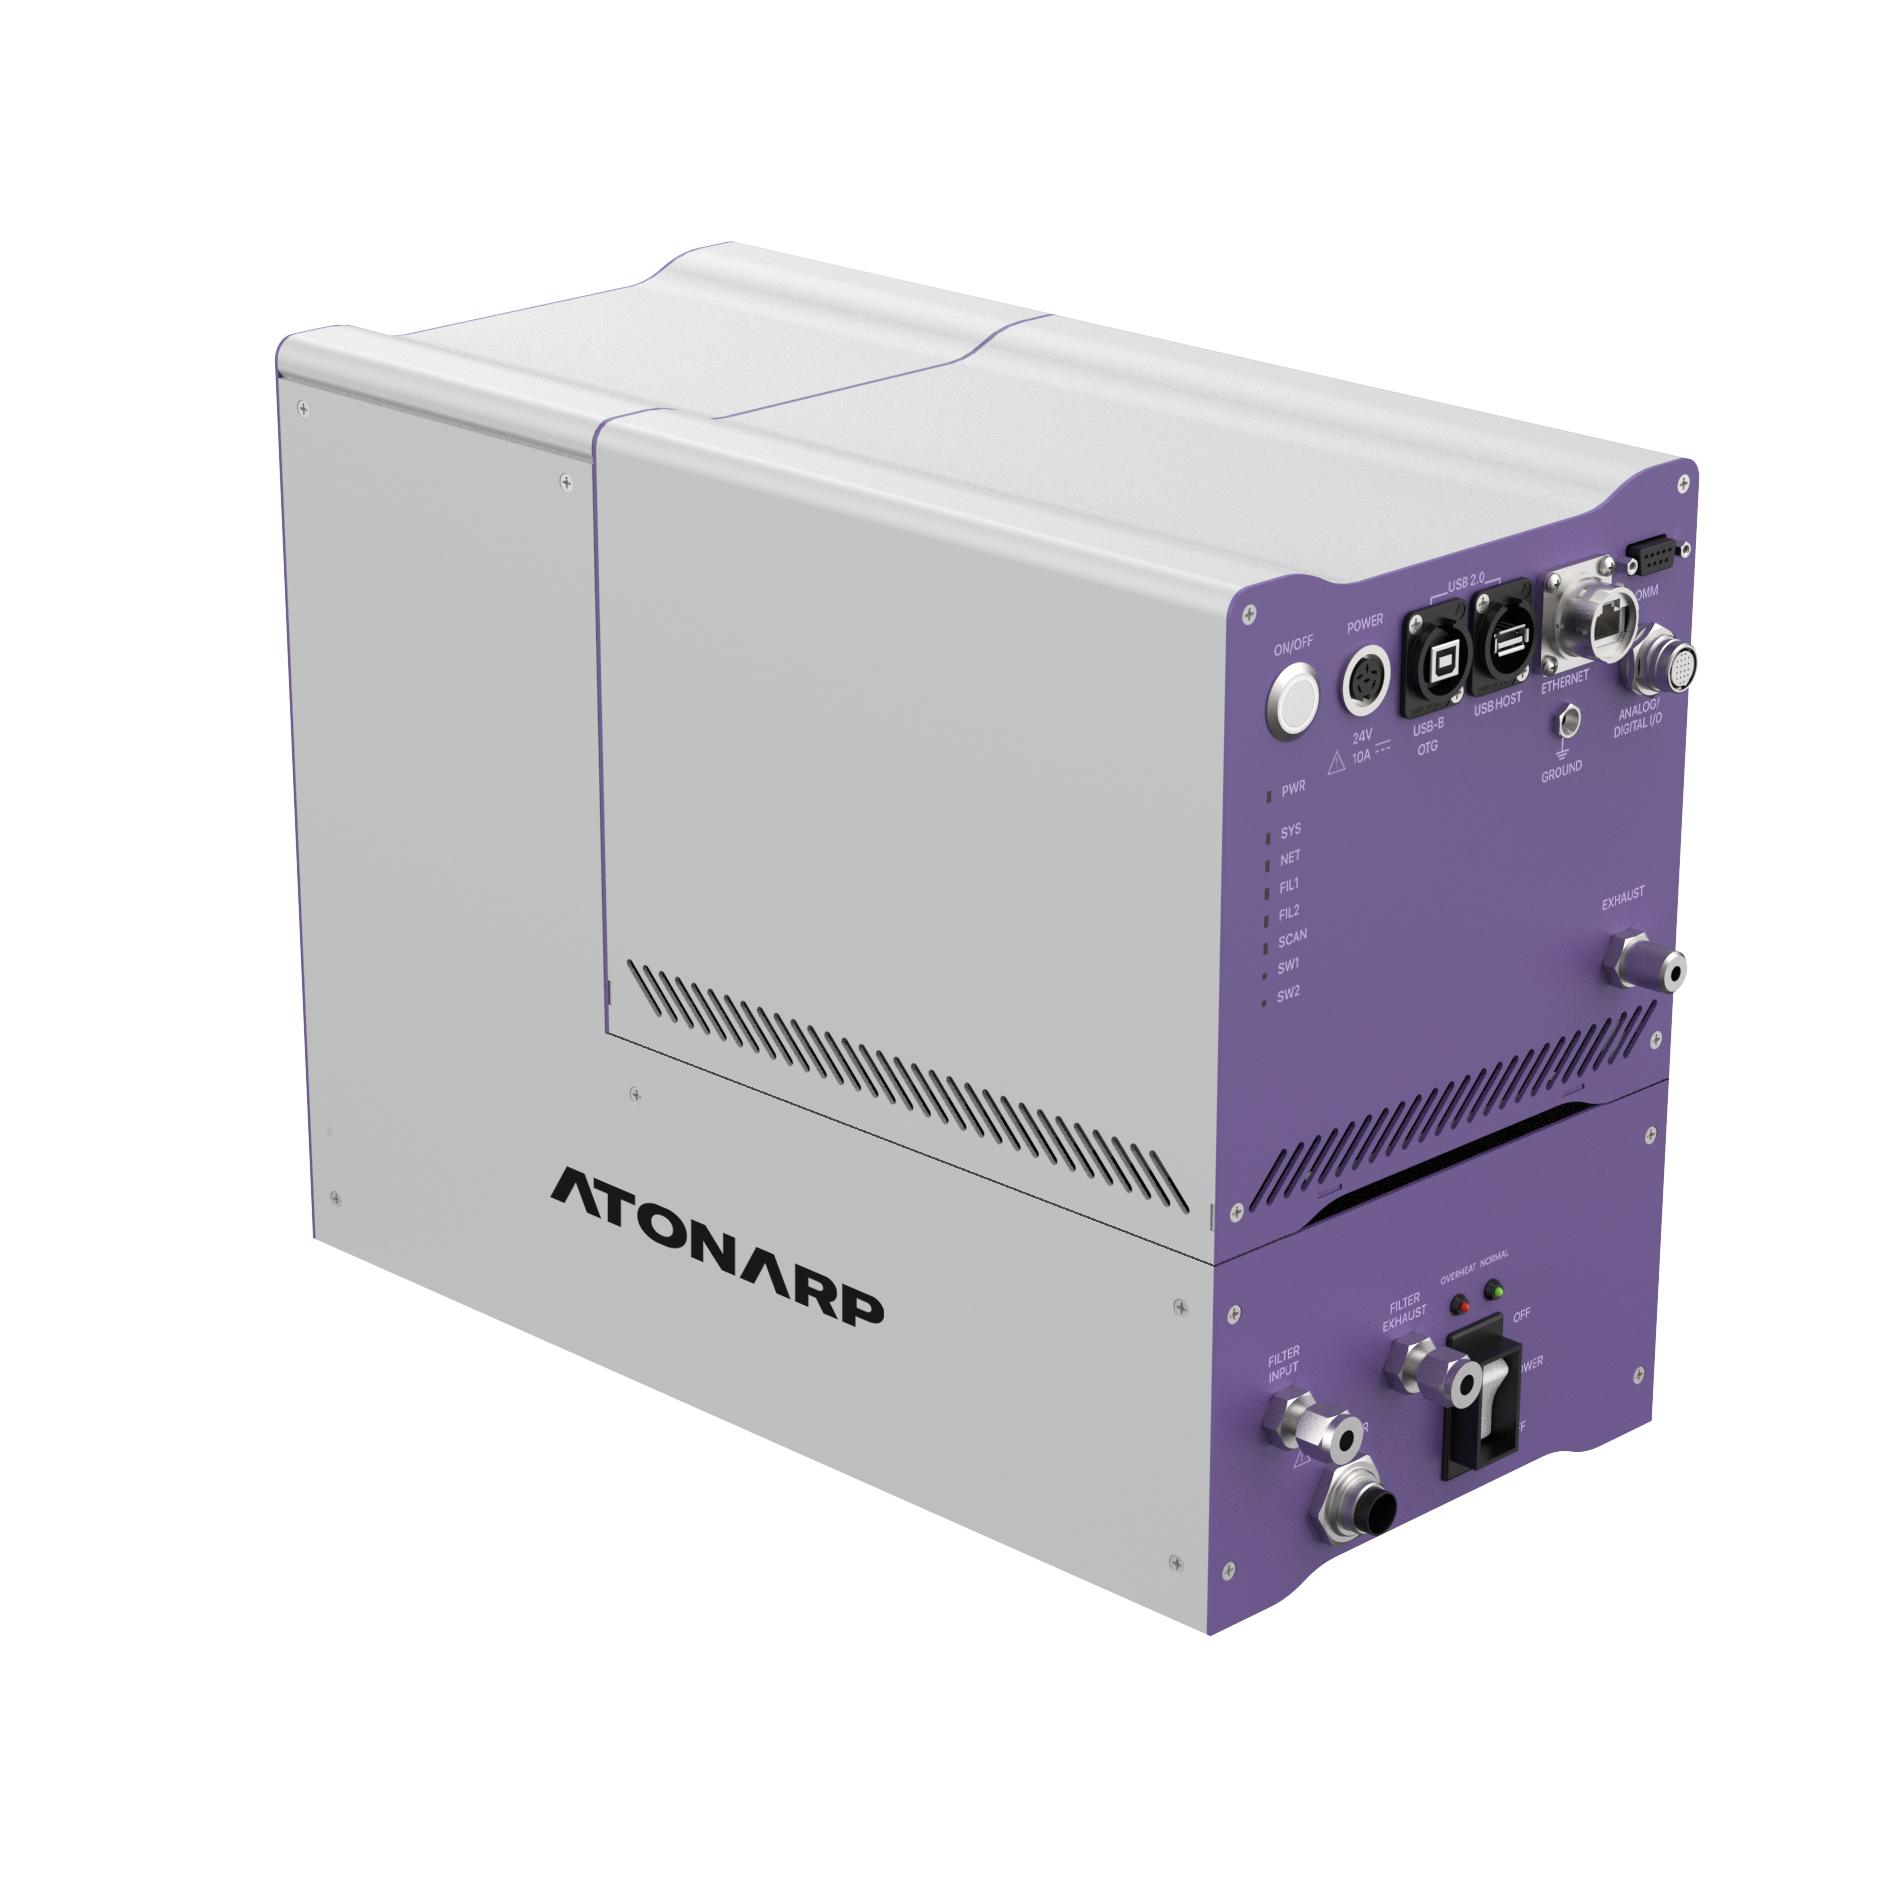 Photo of the LyoSentinel Machine